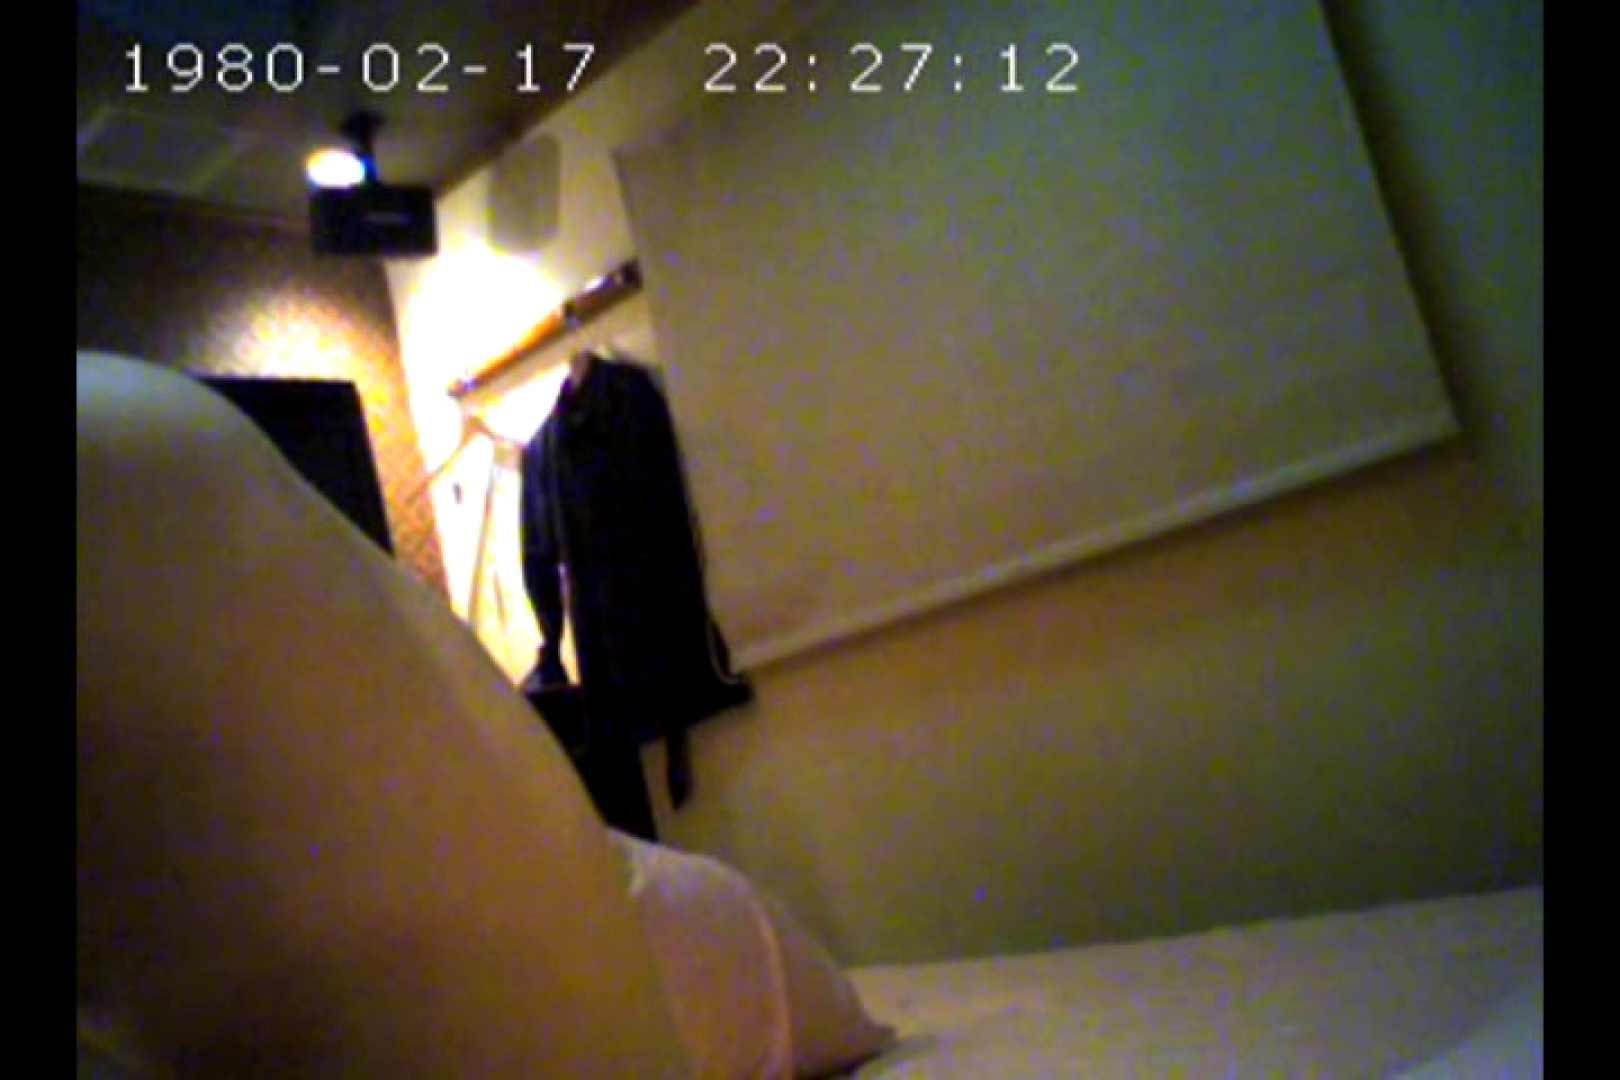 ハメられた女達 vol.04 ホテル 盗撮動画紹介 110画像 103